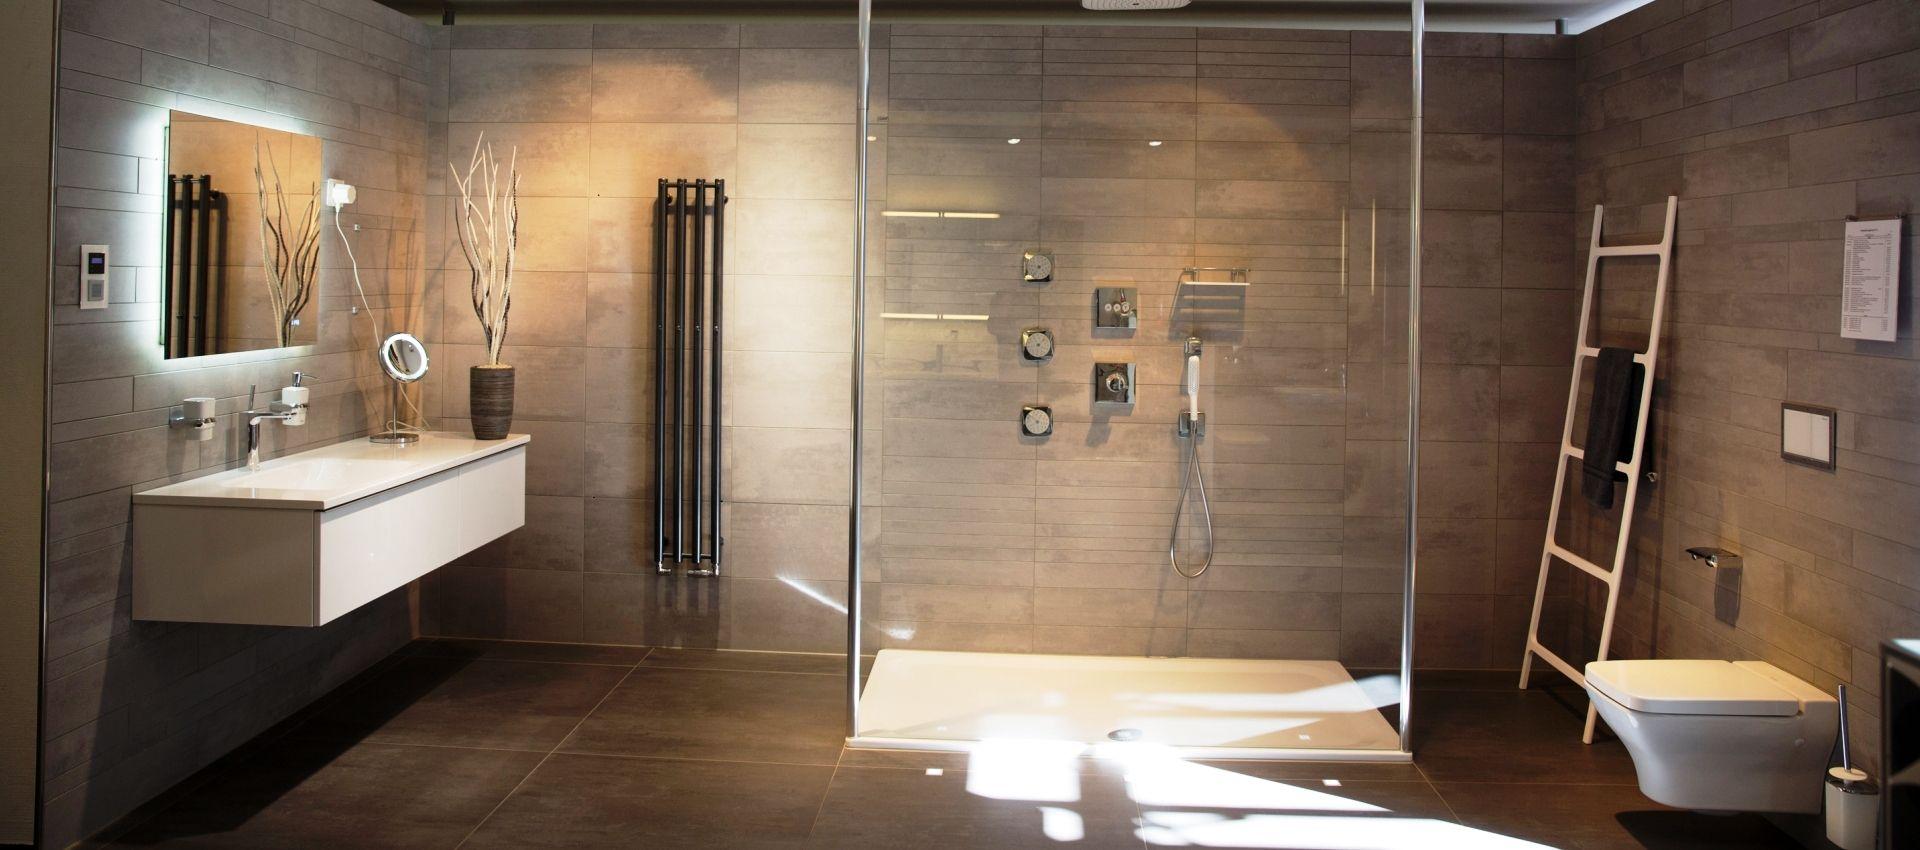 Pin Von Mobau Aachen Auf Ausstellungswelten Bedachung Baustoffe Renovierung